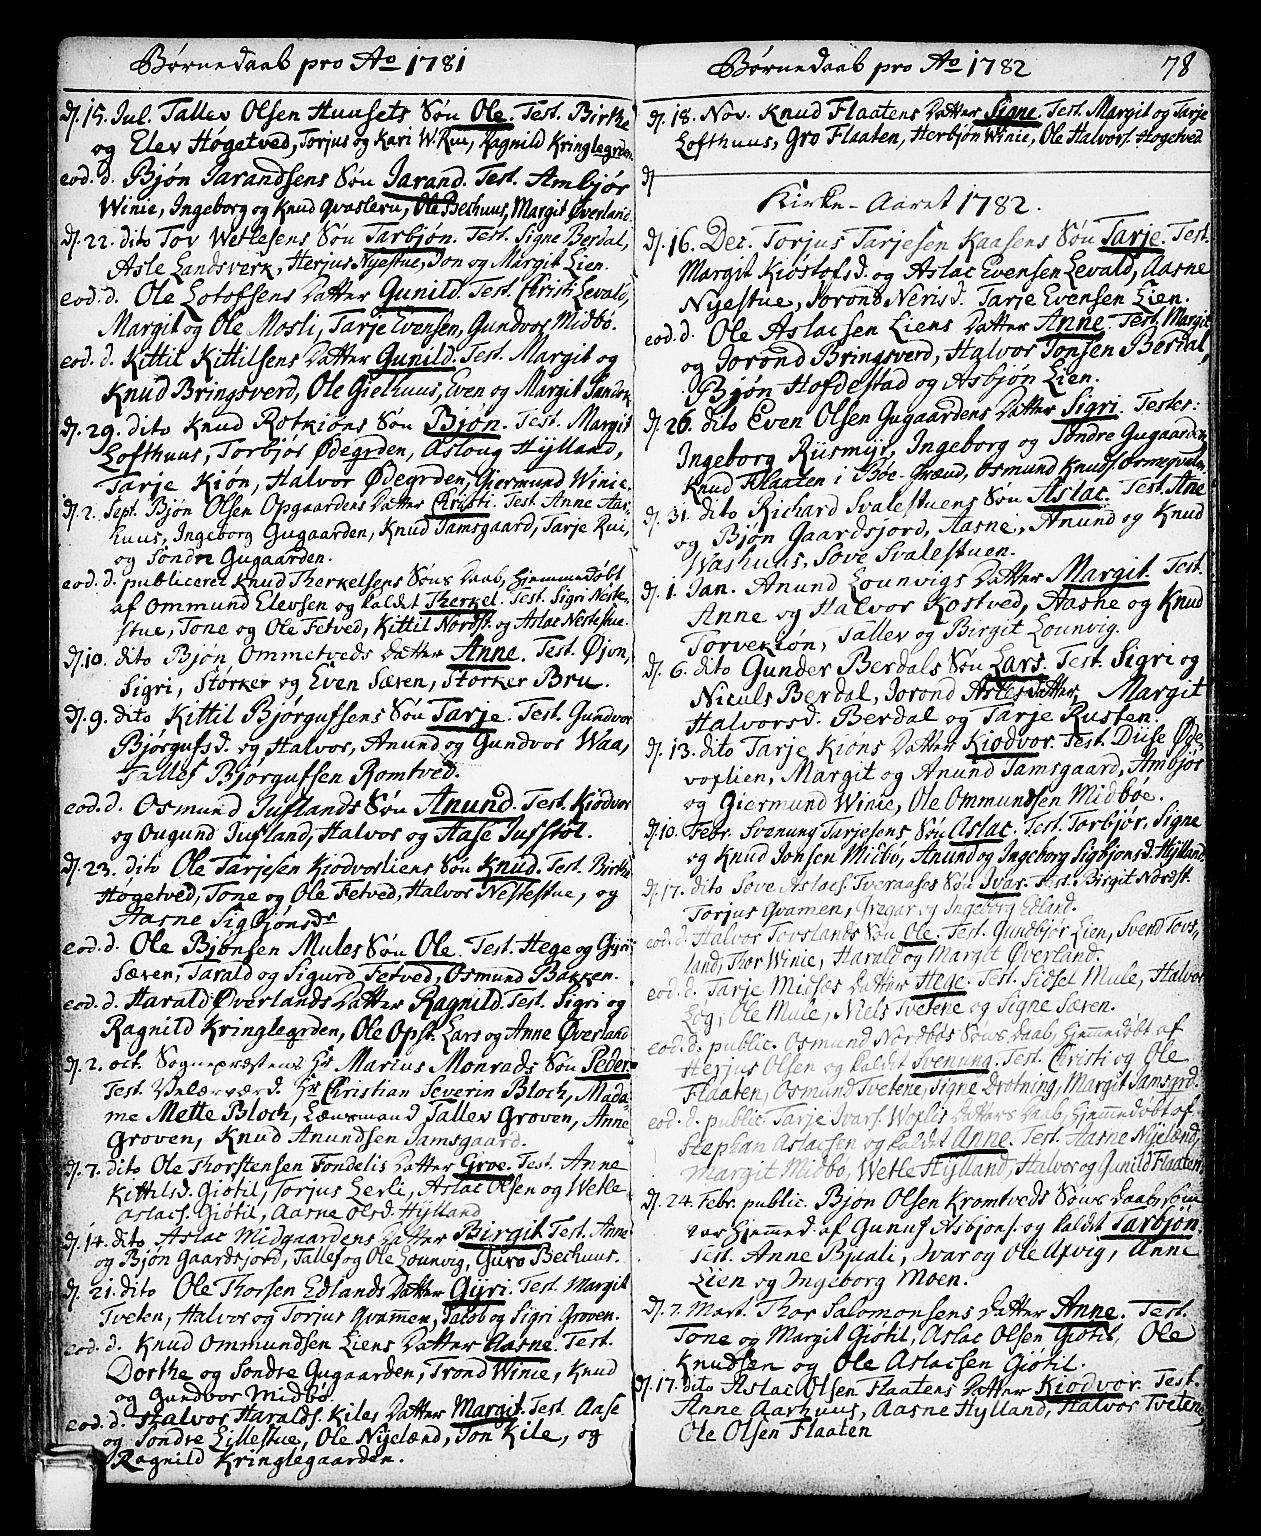 SAKO, Vinje kirkebøker, F/Fa/L0002: Ministerialbok nr. I 2, 1767-1814, s. 78